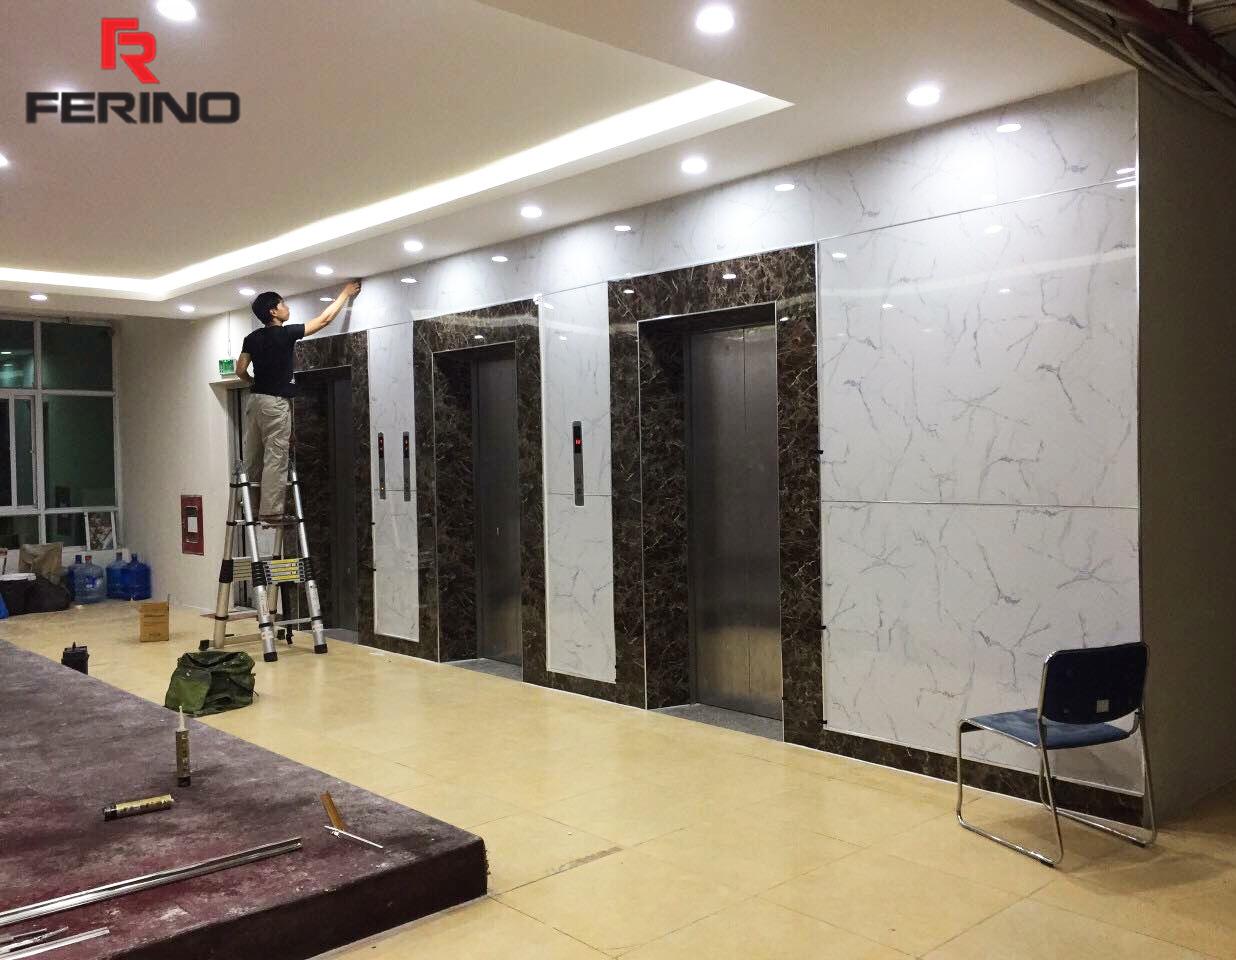 Công trình thi công tấm ốp giả đá marble tại trung tâm tổ chức sự kiện huyện Đông Anh